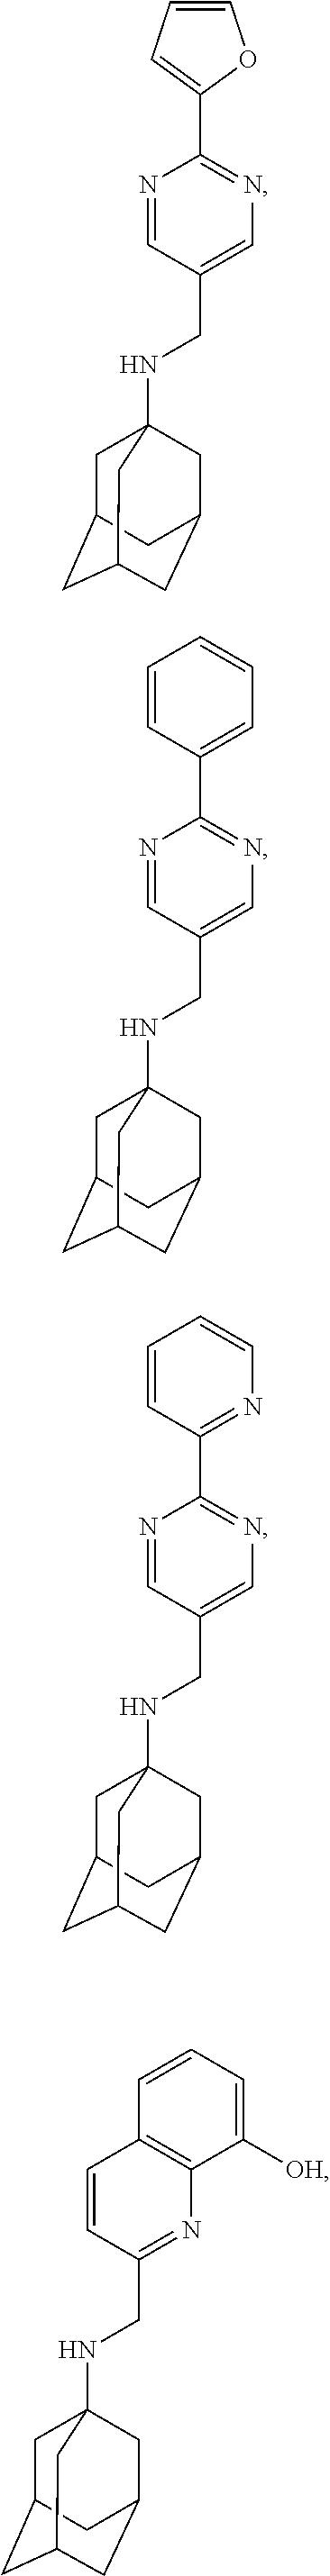 Figure US09884832-20180206-C00143